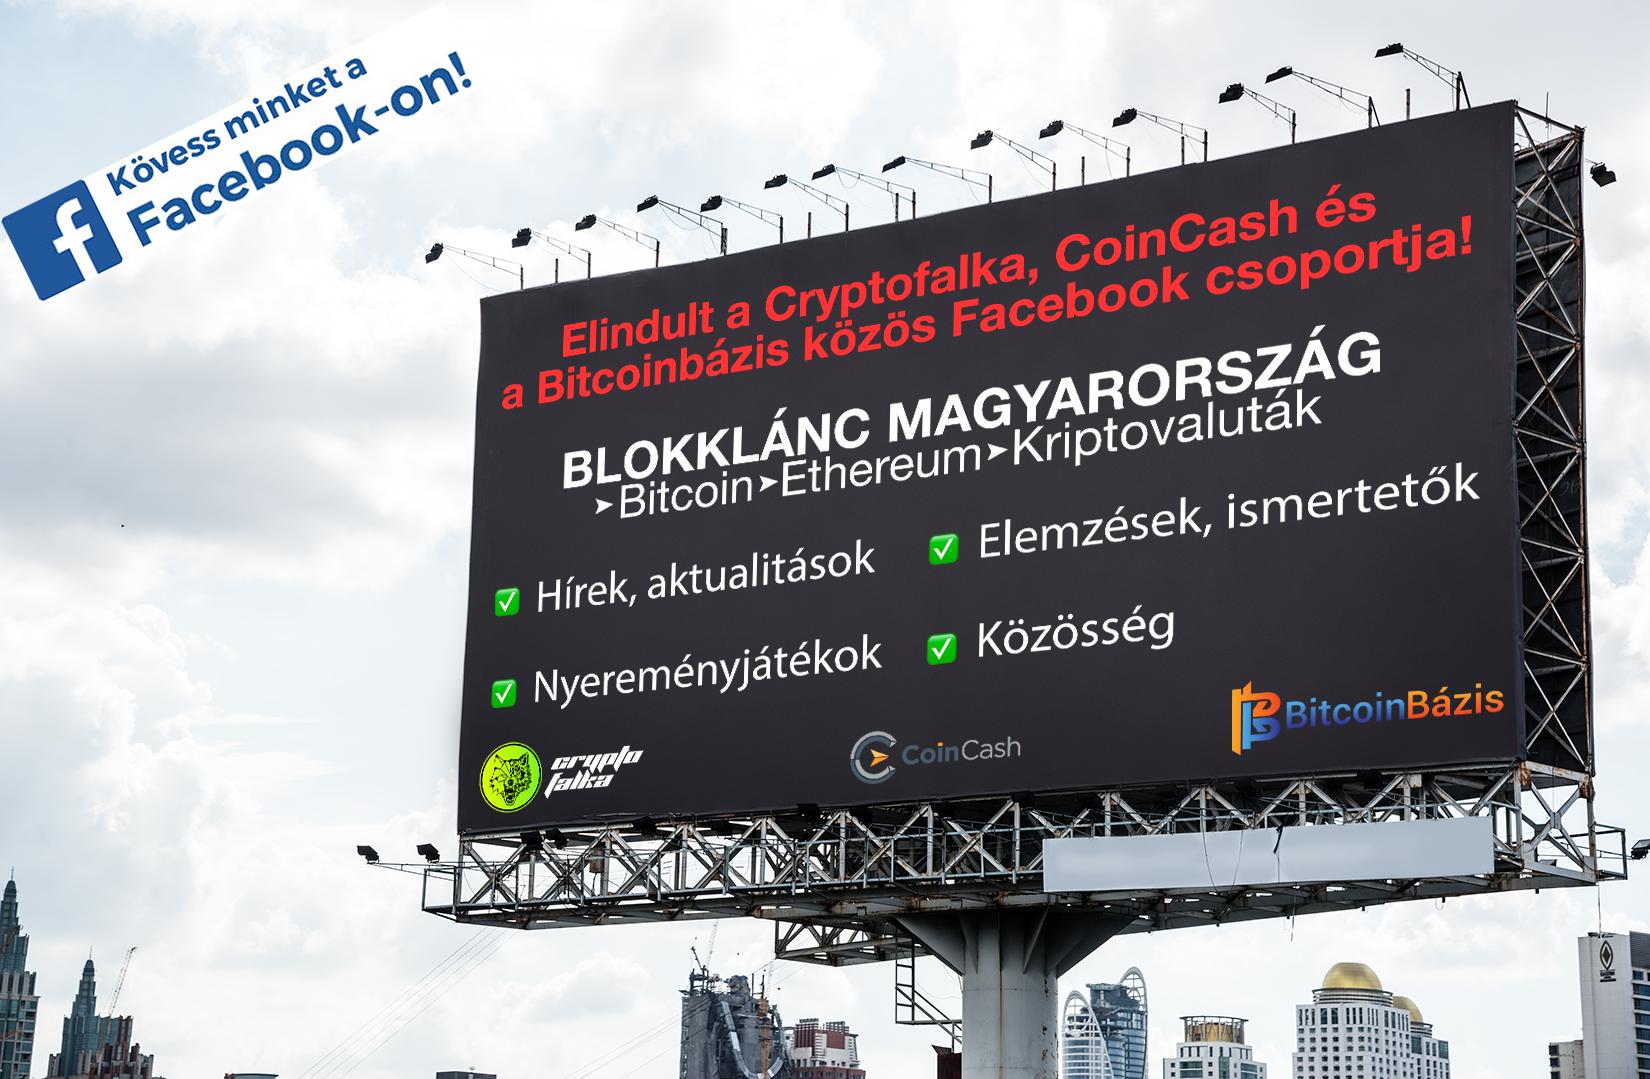 Blokklánc magyarország facebook I Cryptofalka